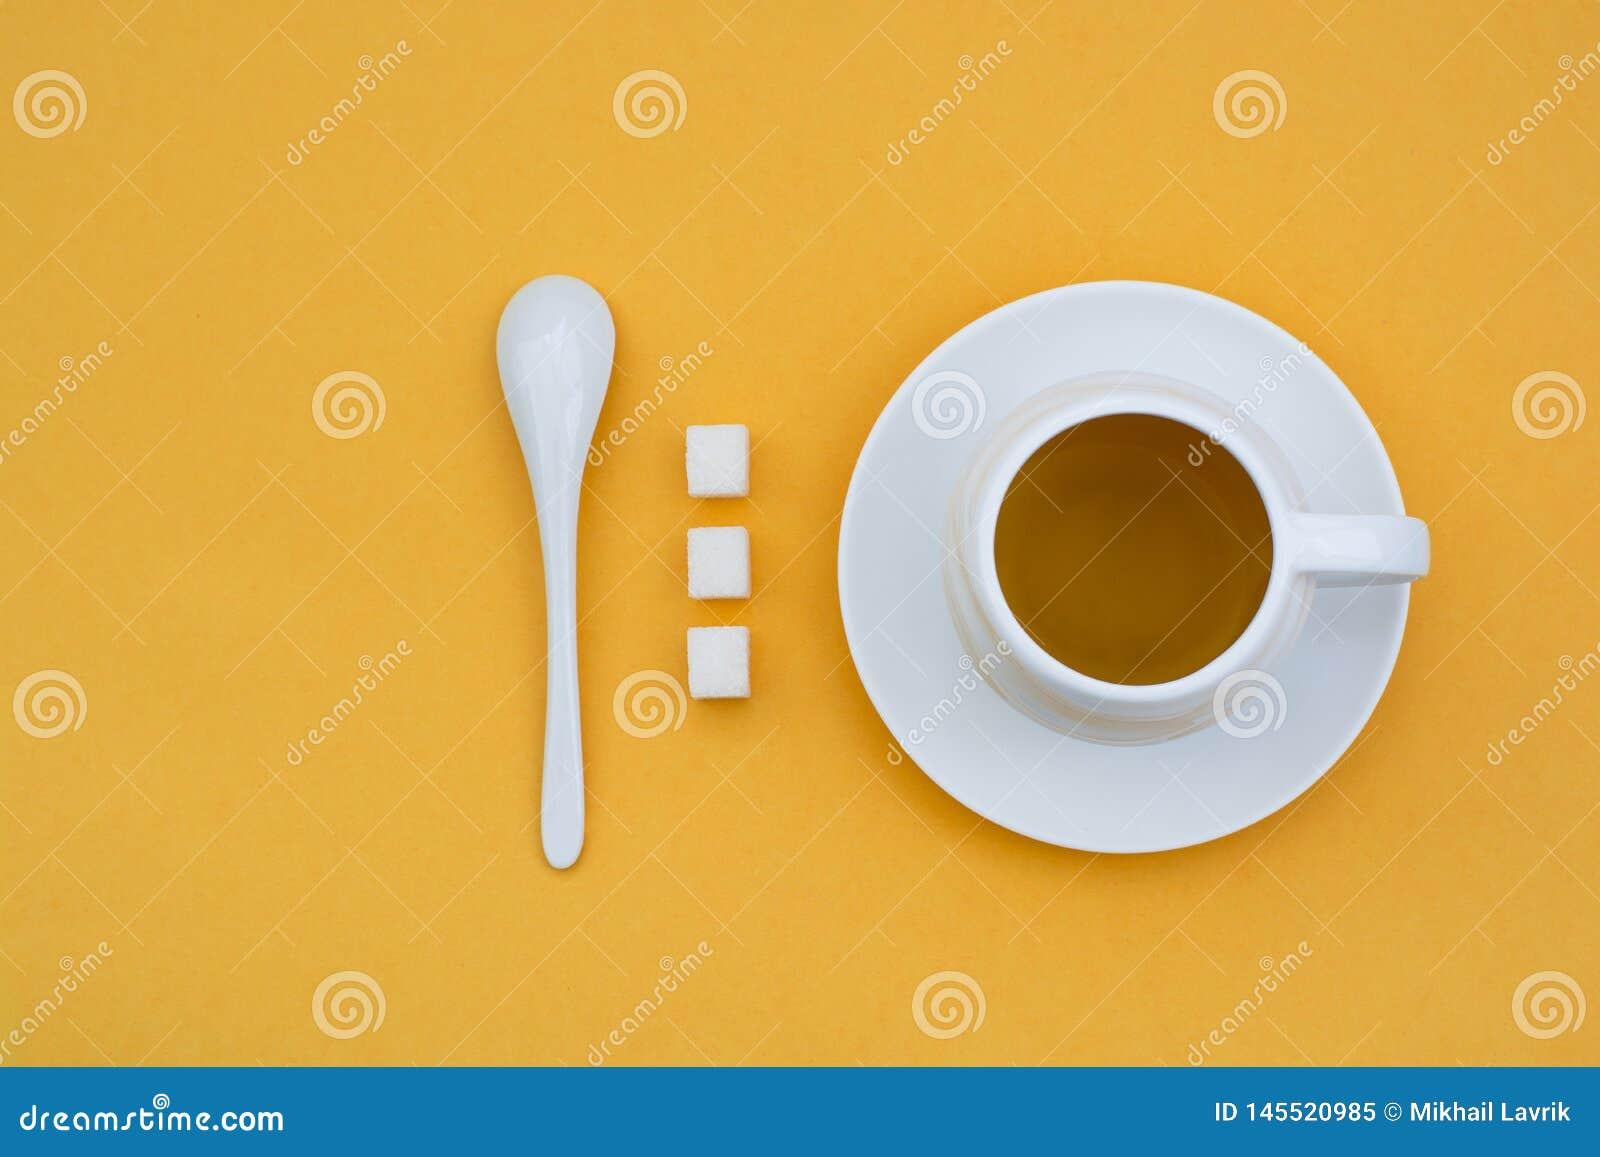 En kopp te p? en gul bakgrund